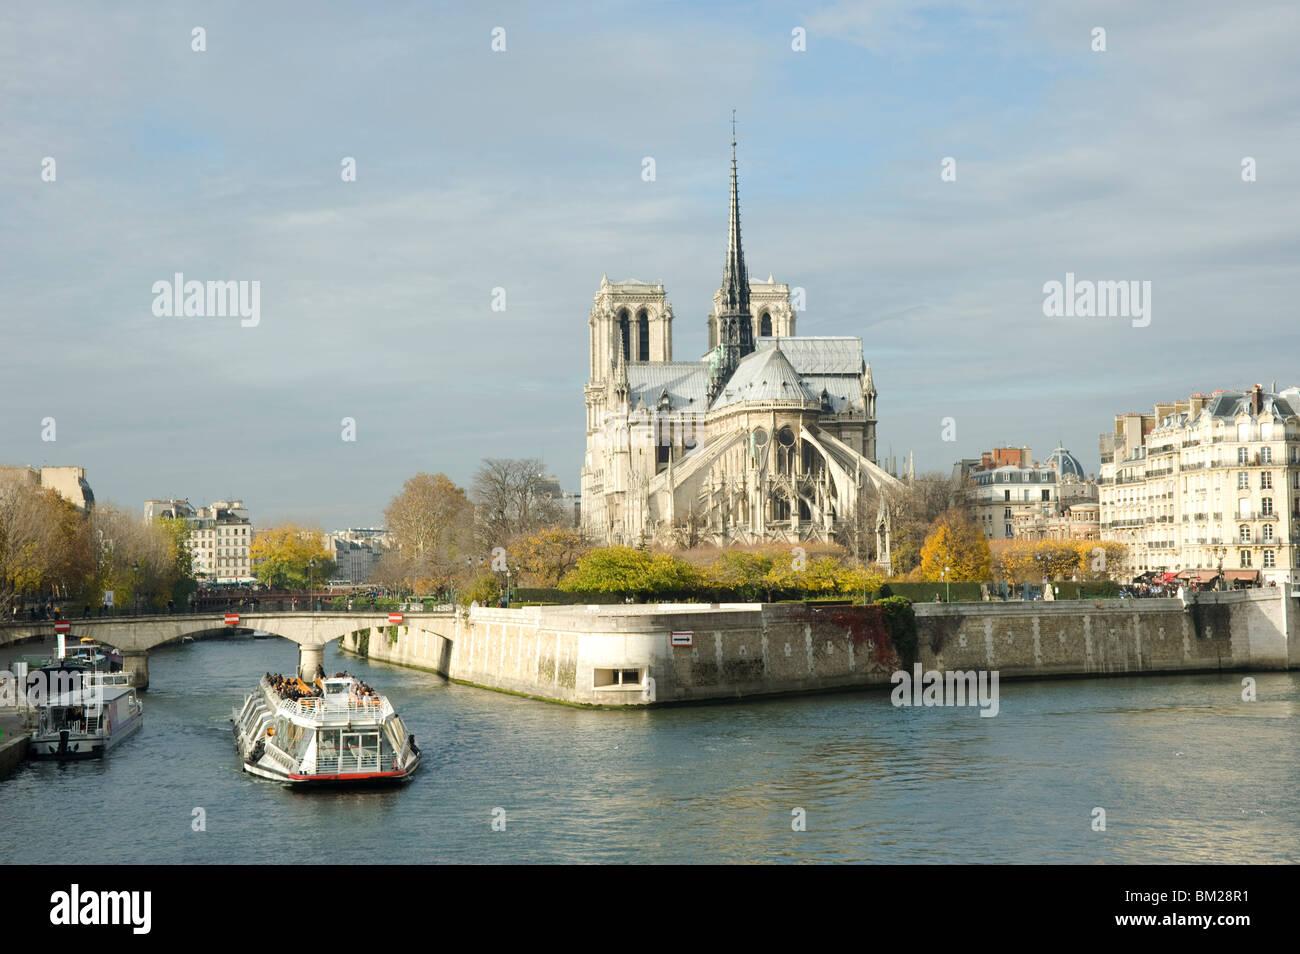 A bateau mouche passing the Ile de La Cite and Notre Dame Cathedral in autumn, Paris, France - Stock Image